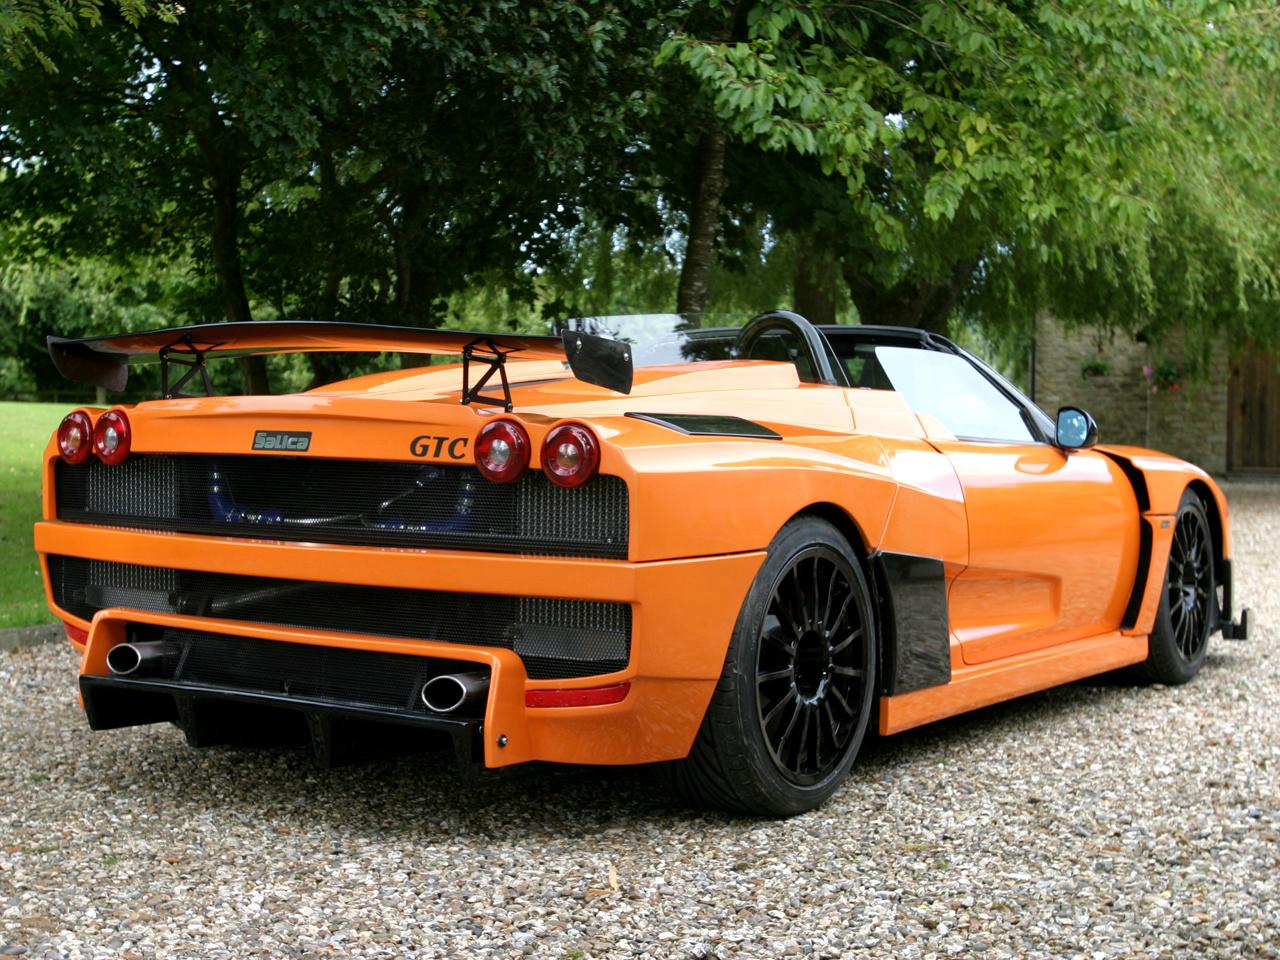 Максимальная скорость Salica GT - 306 км/ч. Спорткар оснащен силовой установкой мощностью 500 л.с.